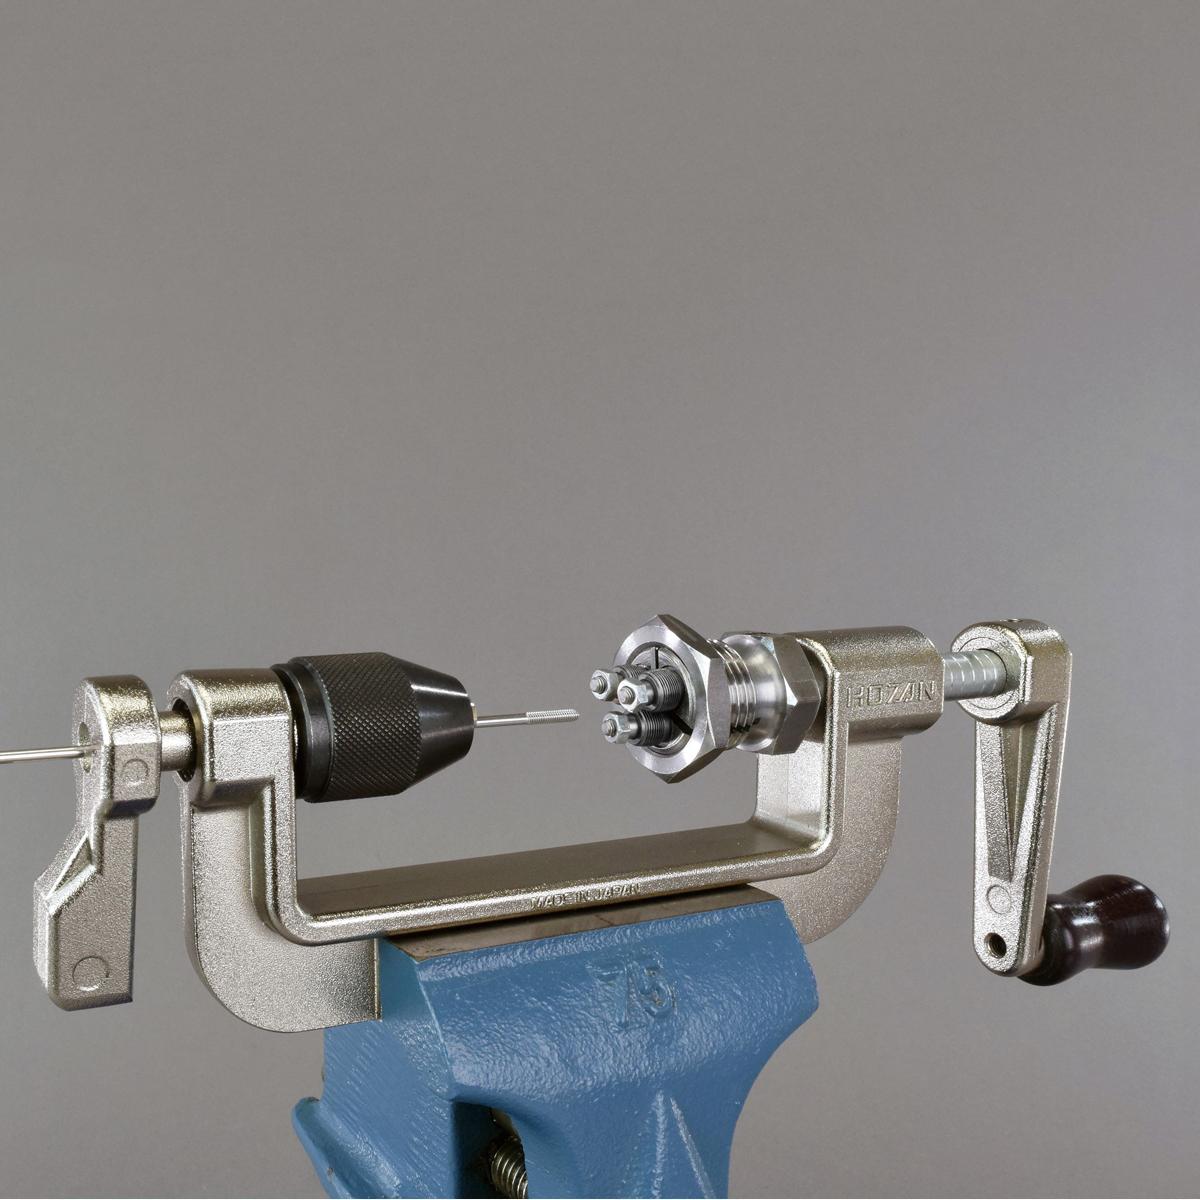 hozan spaakdraadmachine c70222 voor bankschroefklem met 3 draadsnijkoppen 1315gbc2318 grij